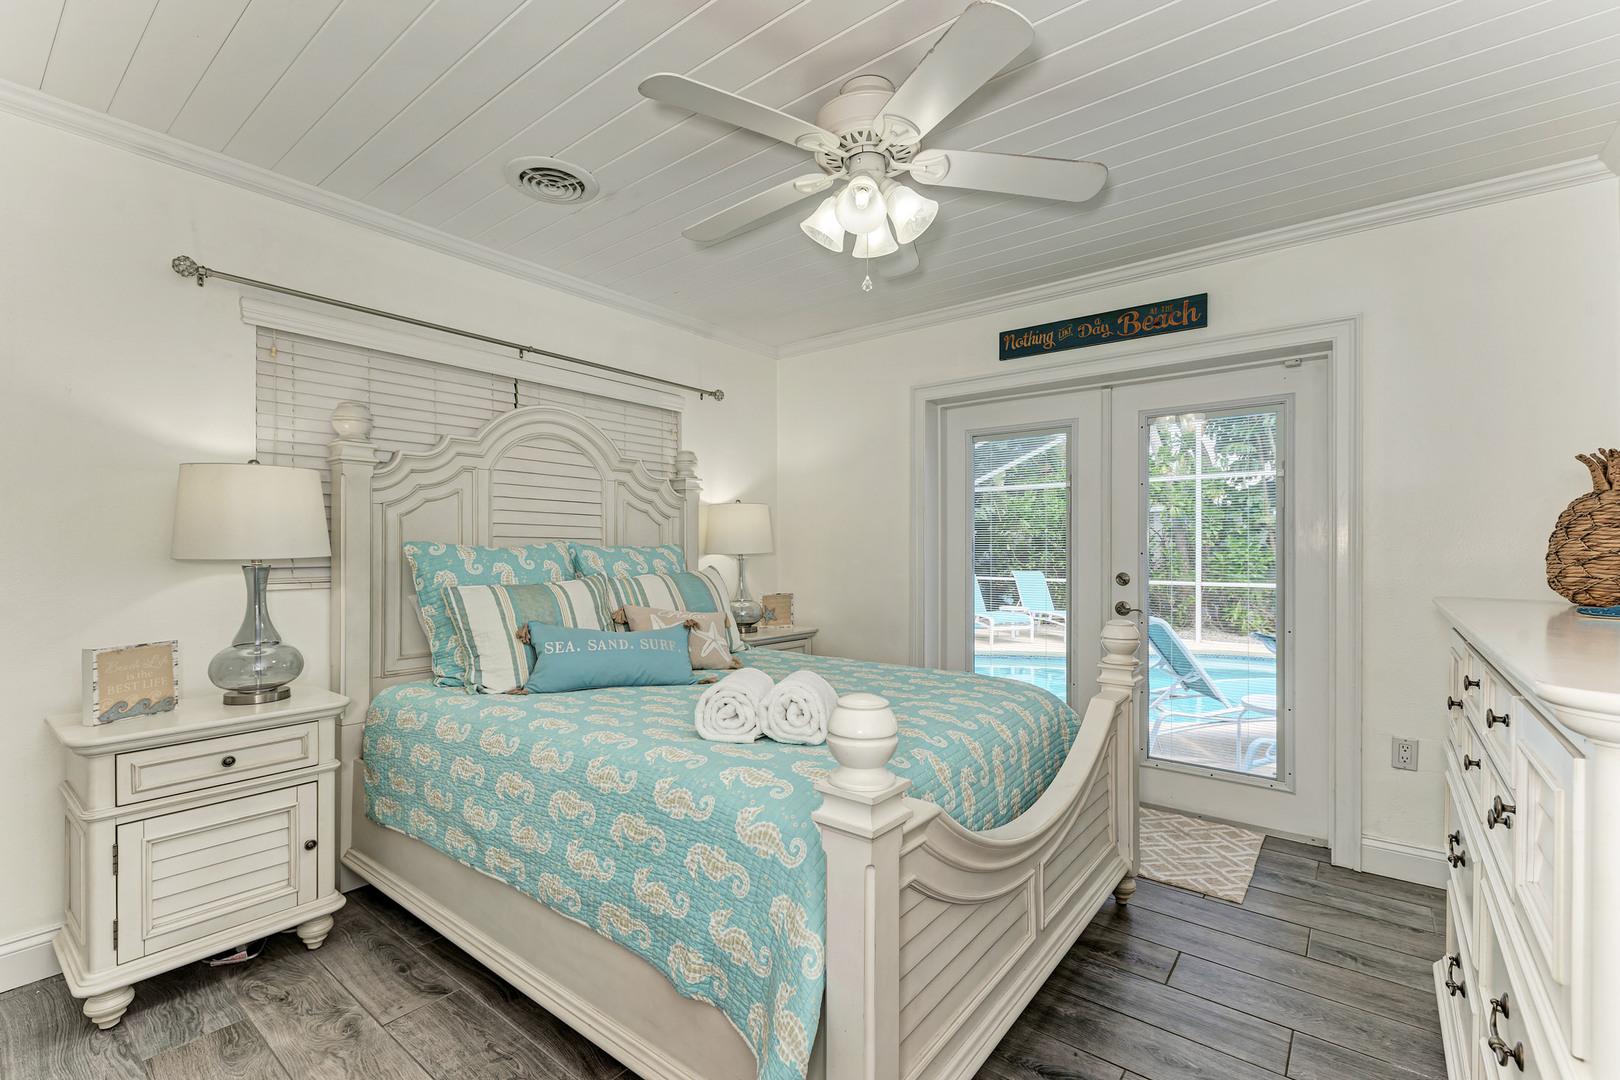 Barefoot Bungalow guest bedroom view from doorway